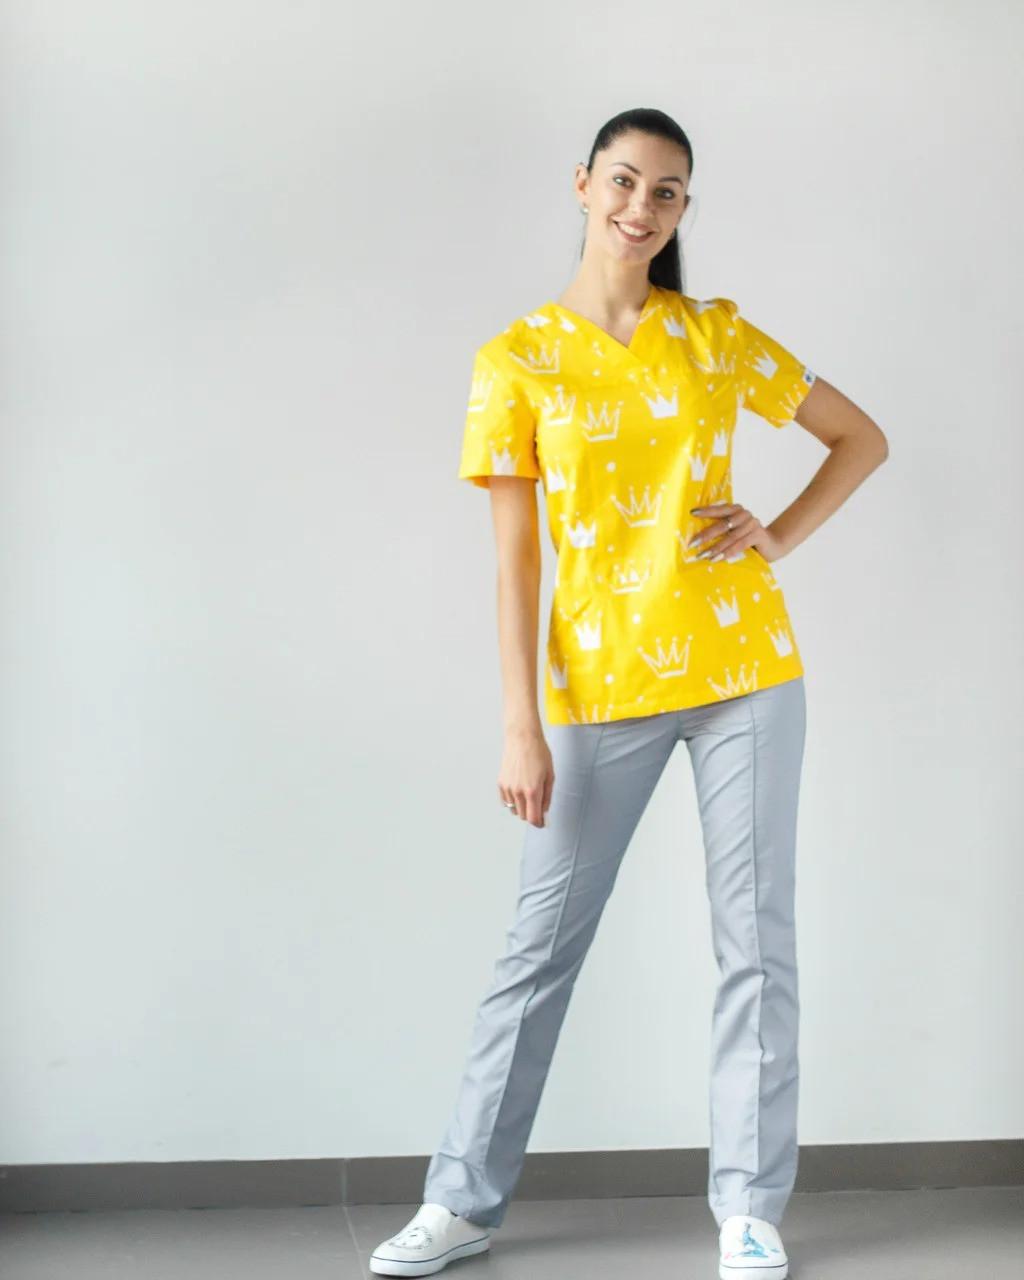 Медицинский женский костюм Топаз принт короны желтые